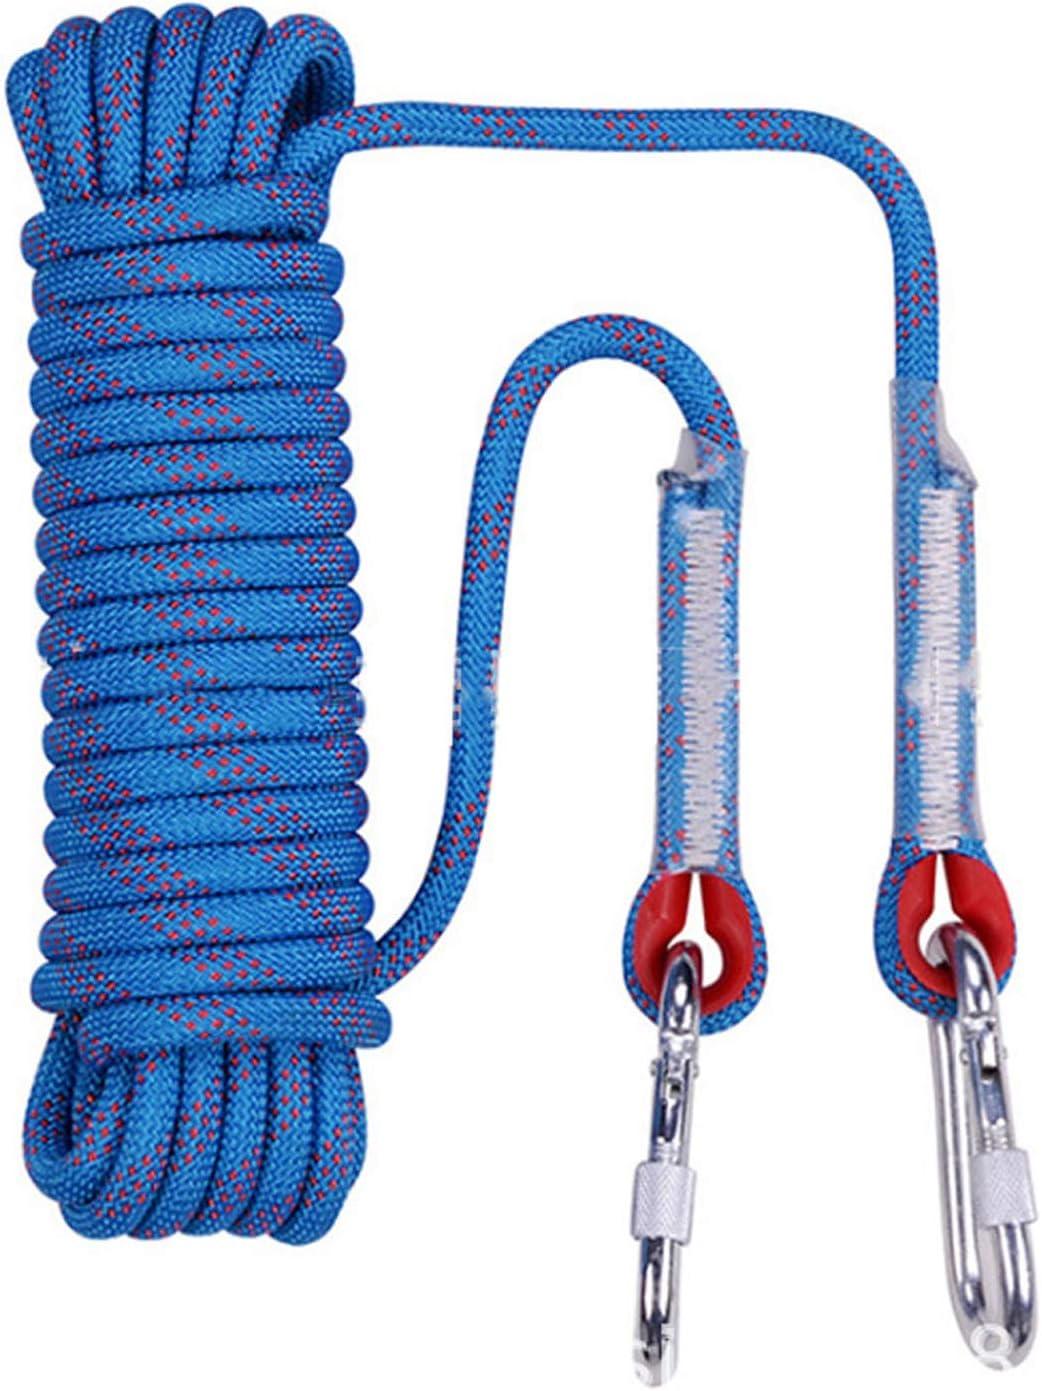 YJHH Cuerda De Seguridad Escalada 100m, Cuerda De Paracaídas ...